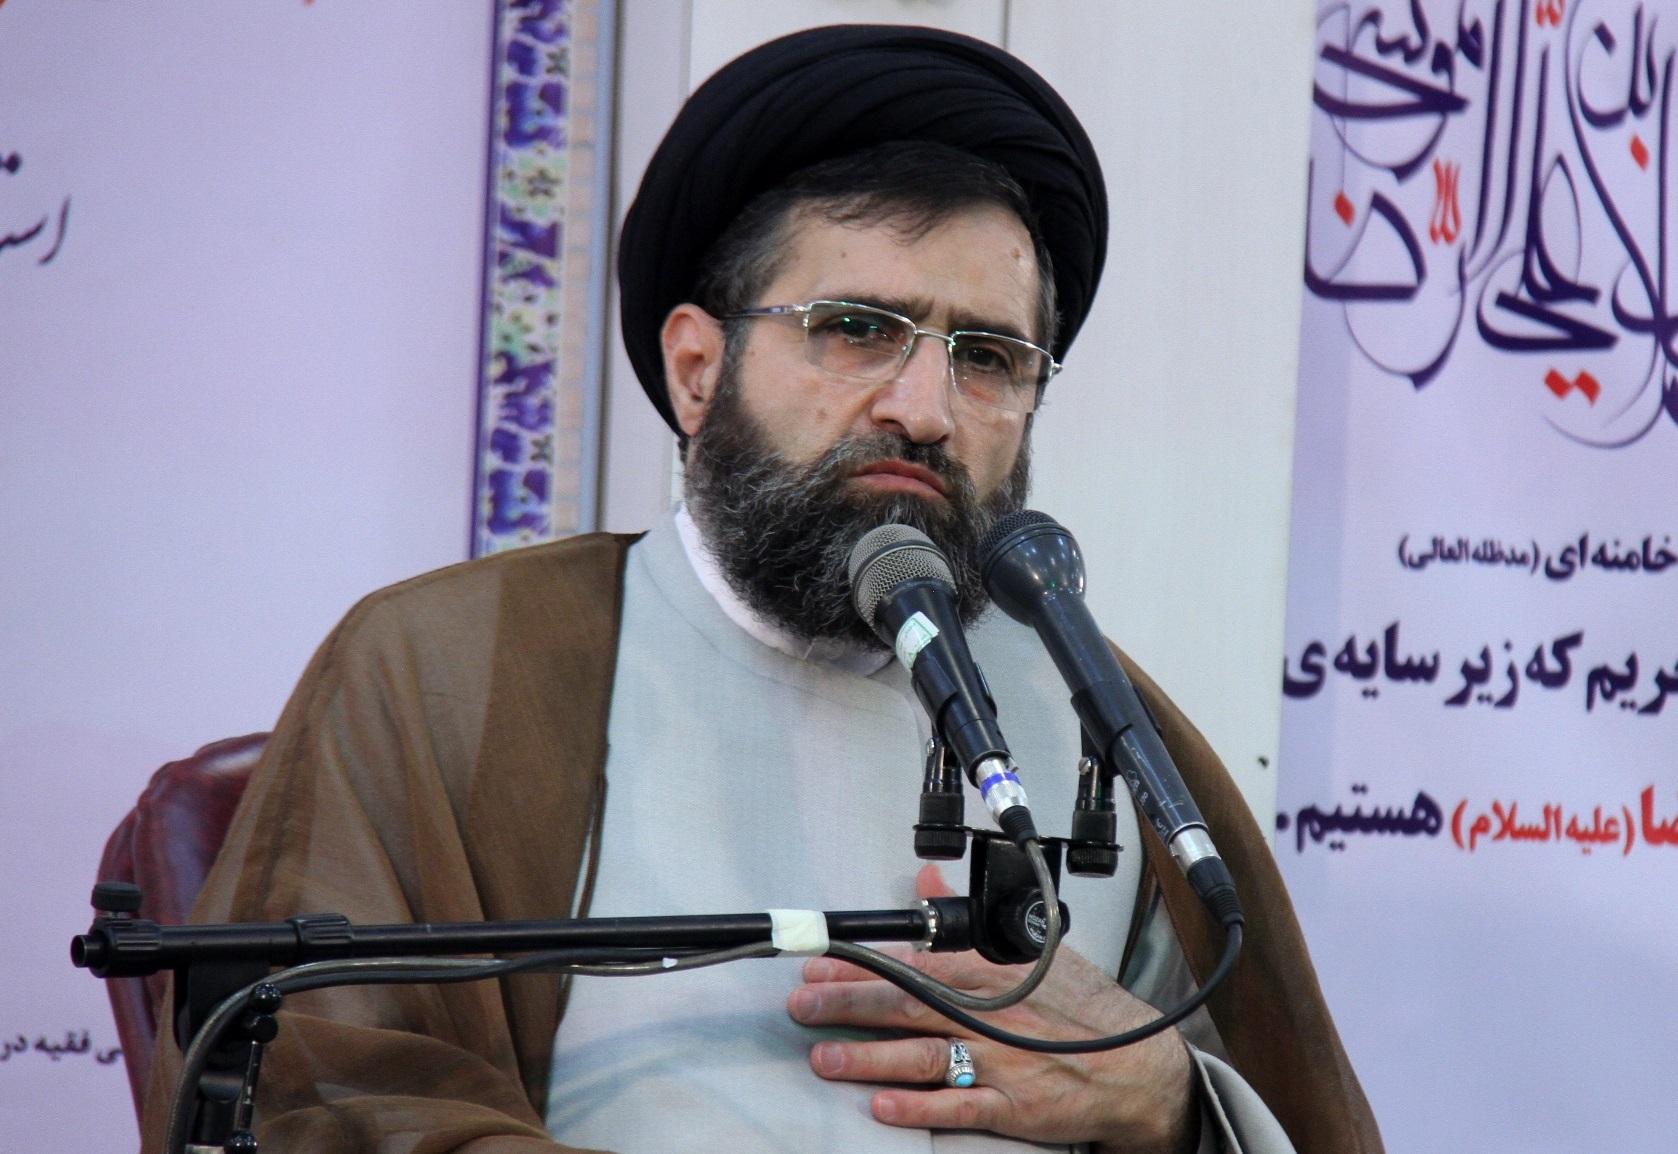 تصویر از بانکهای ربوی یک منکر بزرگ برای نظام جمهوری اسلامی است